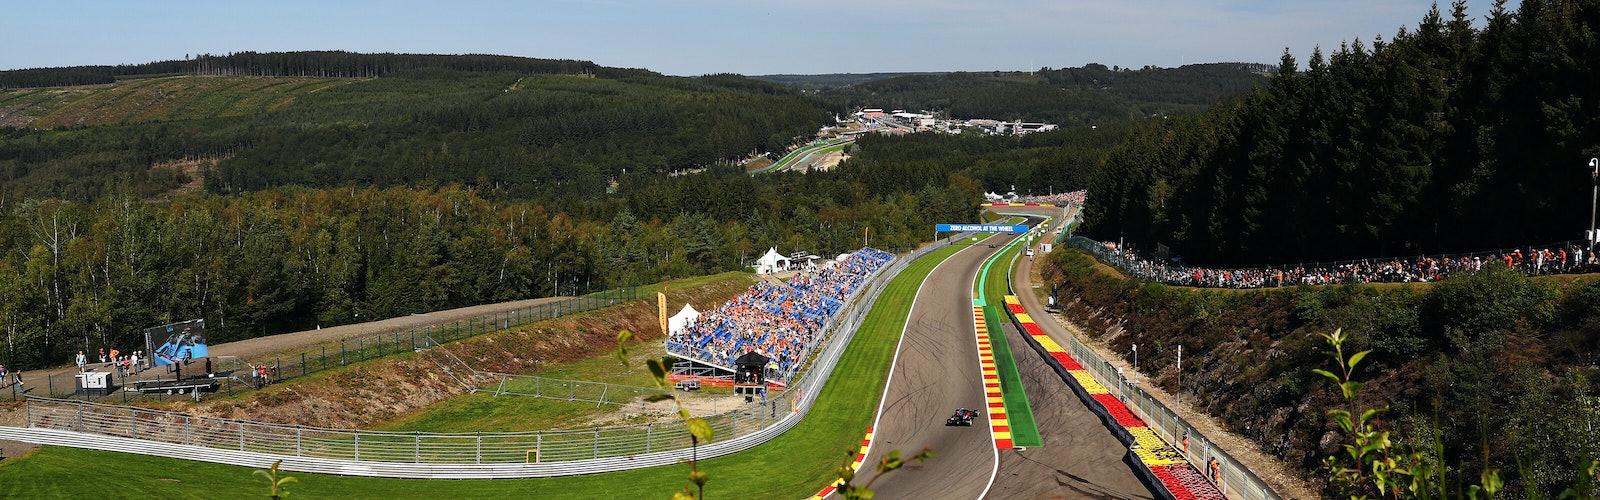 F1 Grand Prix of Belgium – Final Practice